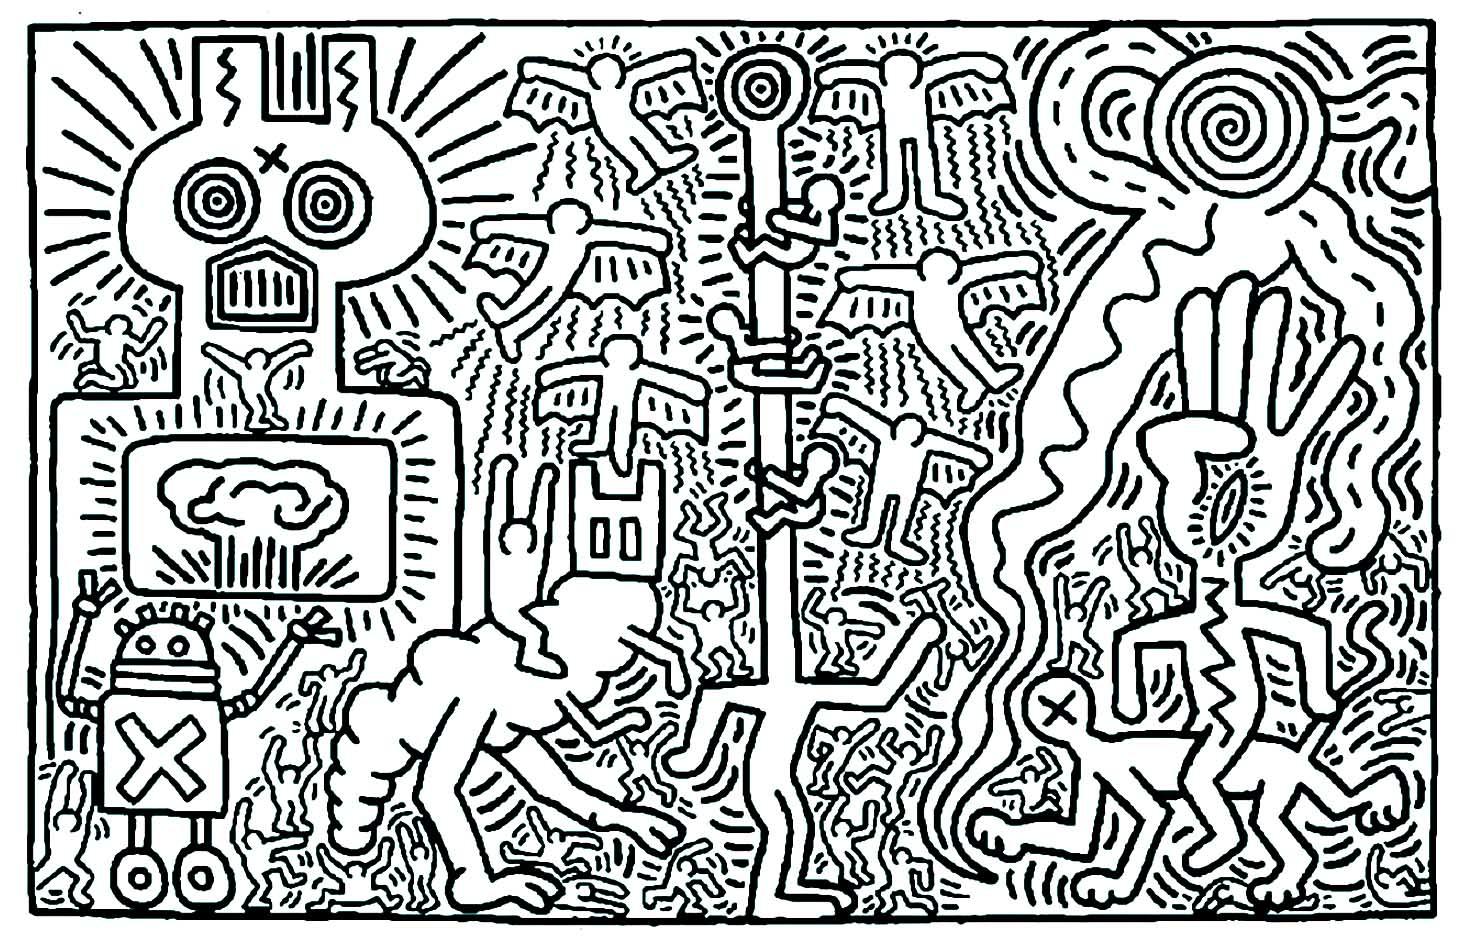 Disegni da colorare per adulti : Pop art - 14